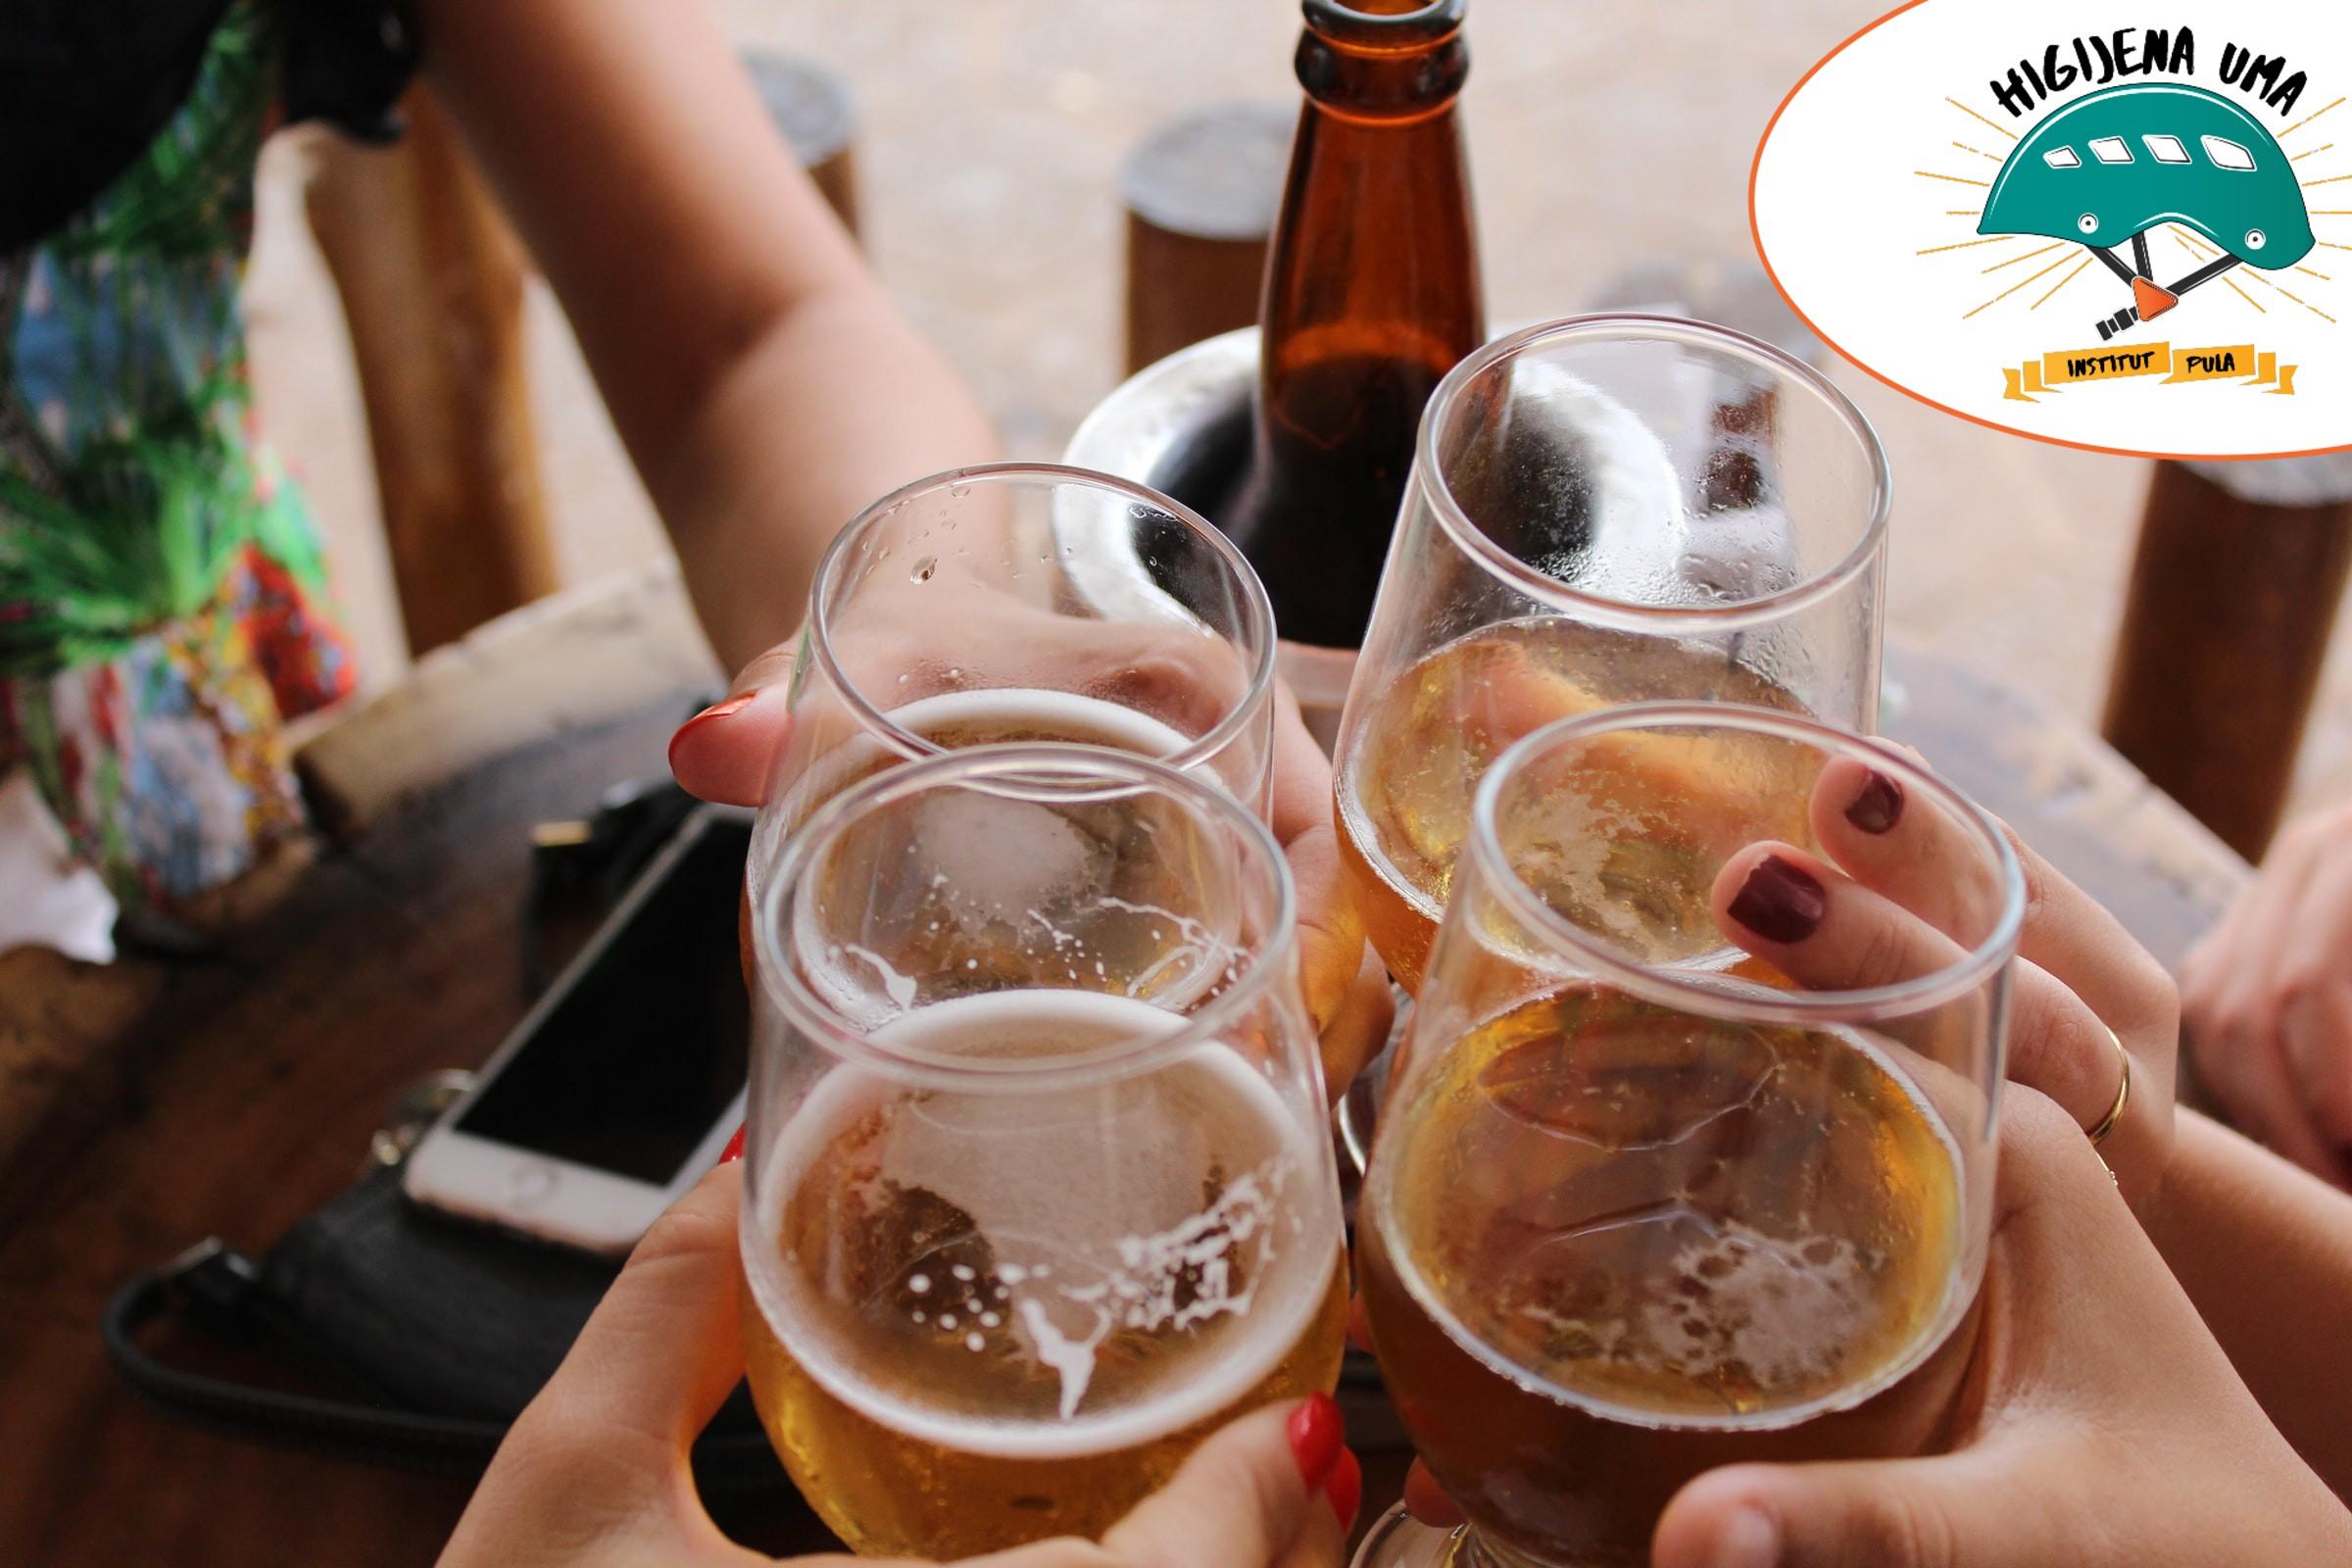 Naslovna-drinking beer